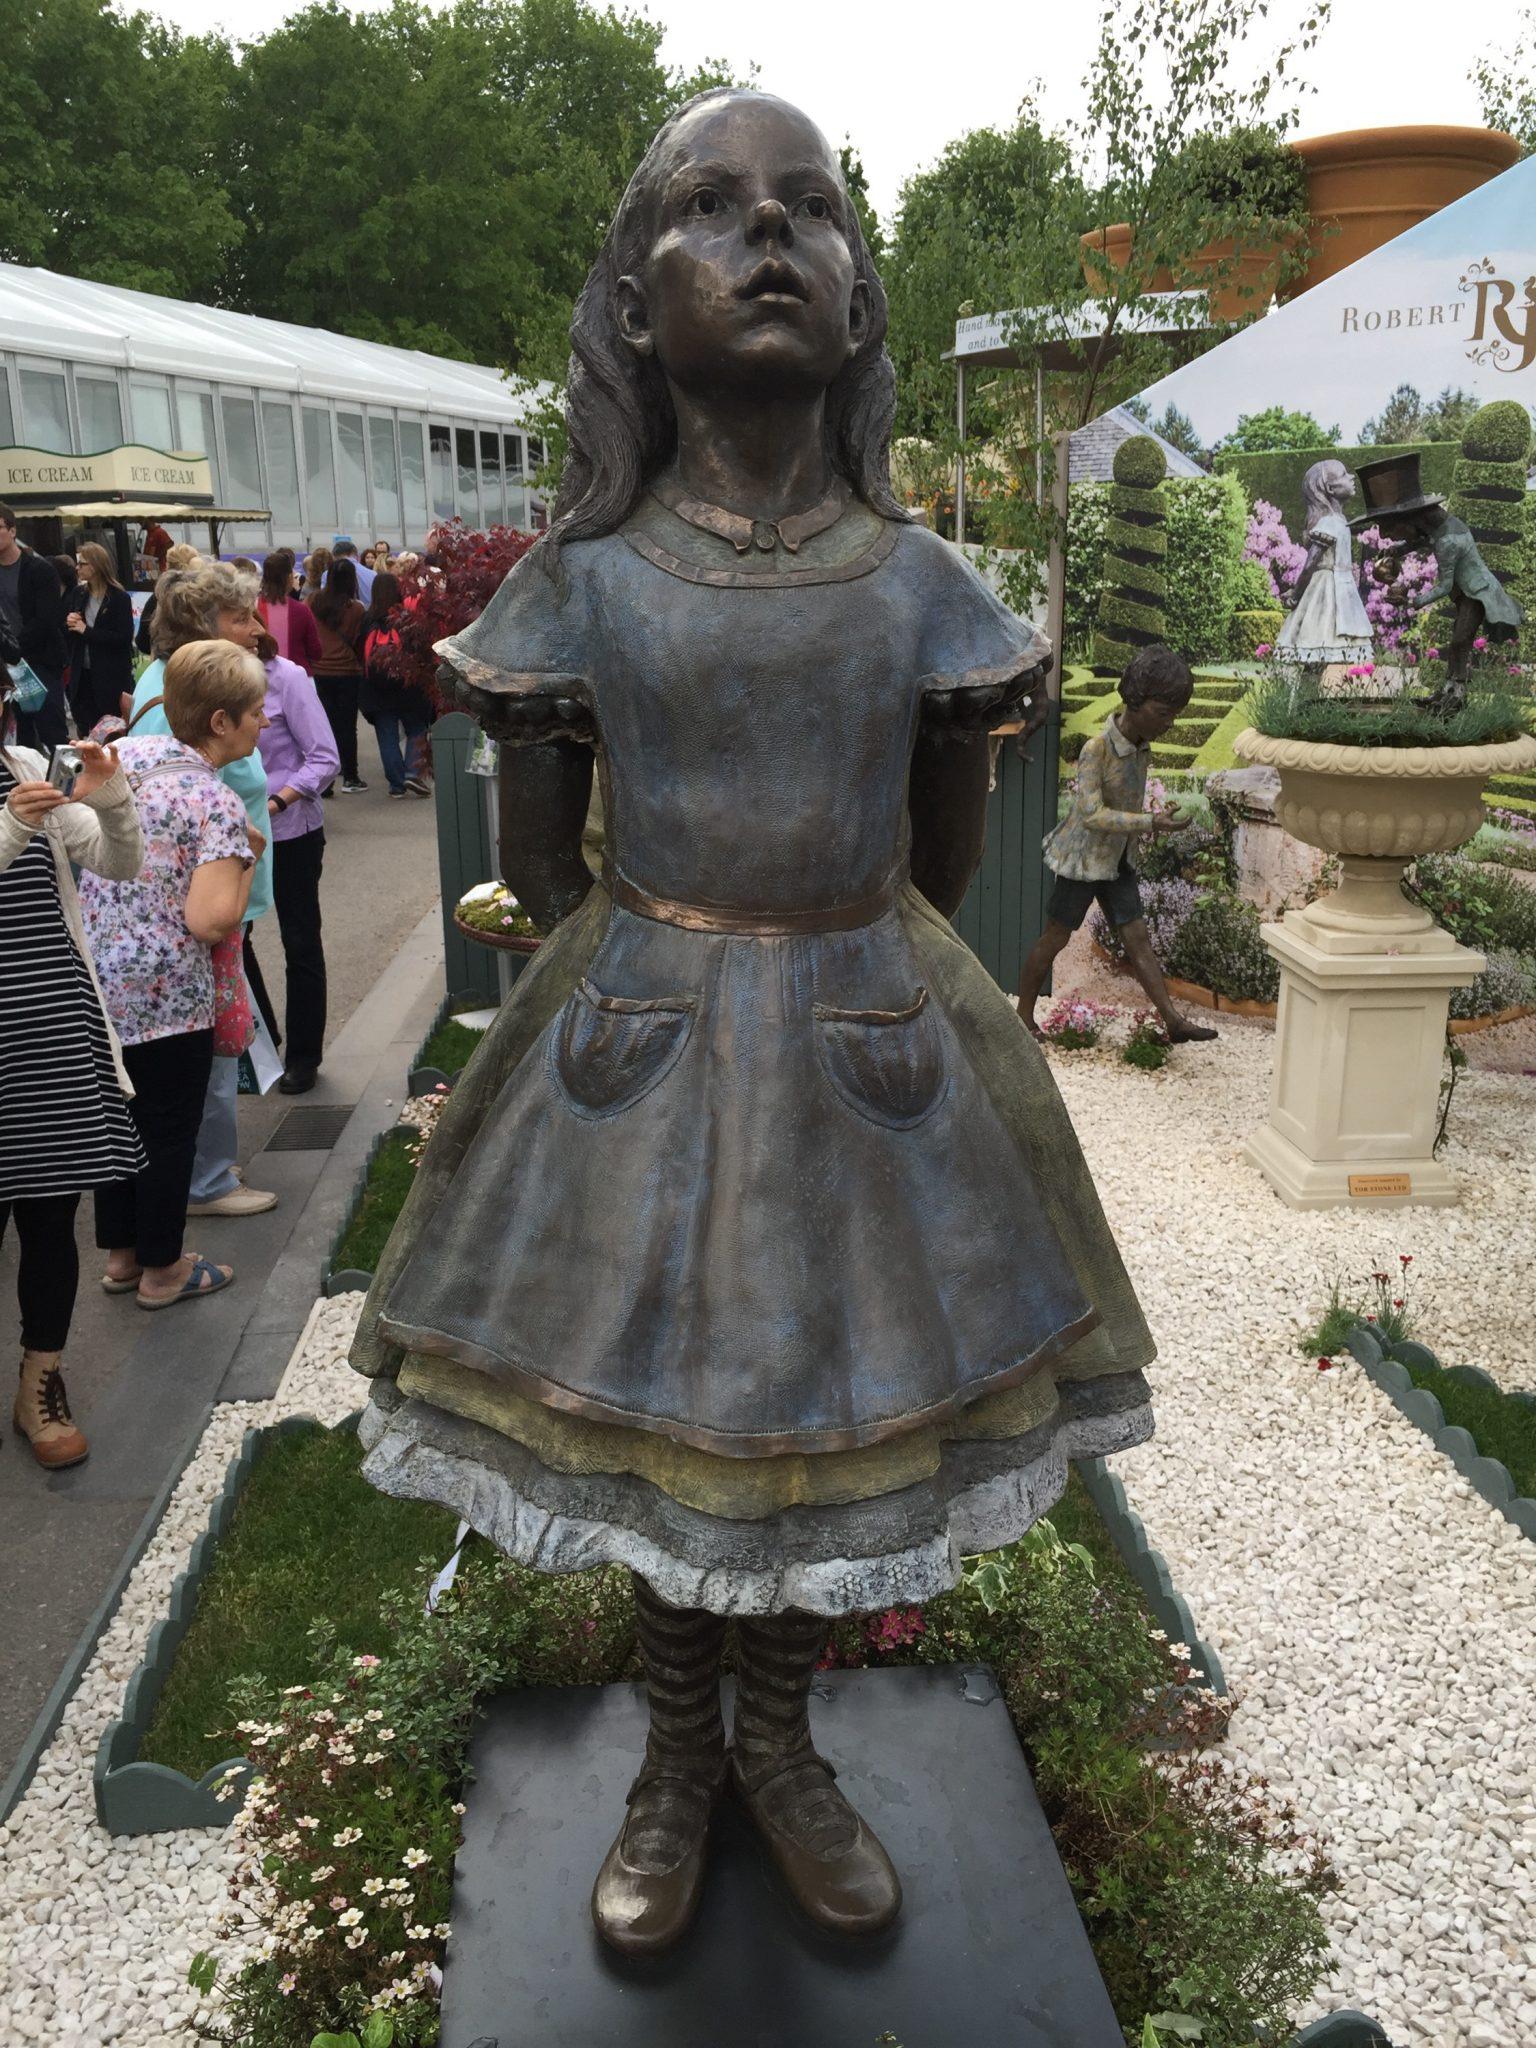 Alice in Wonderland sculpture Chelsea Flower show Robert James